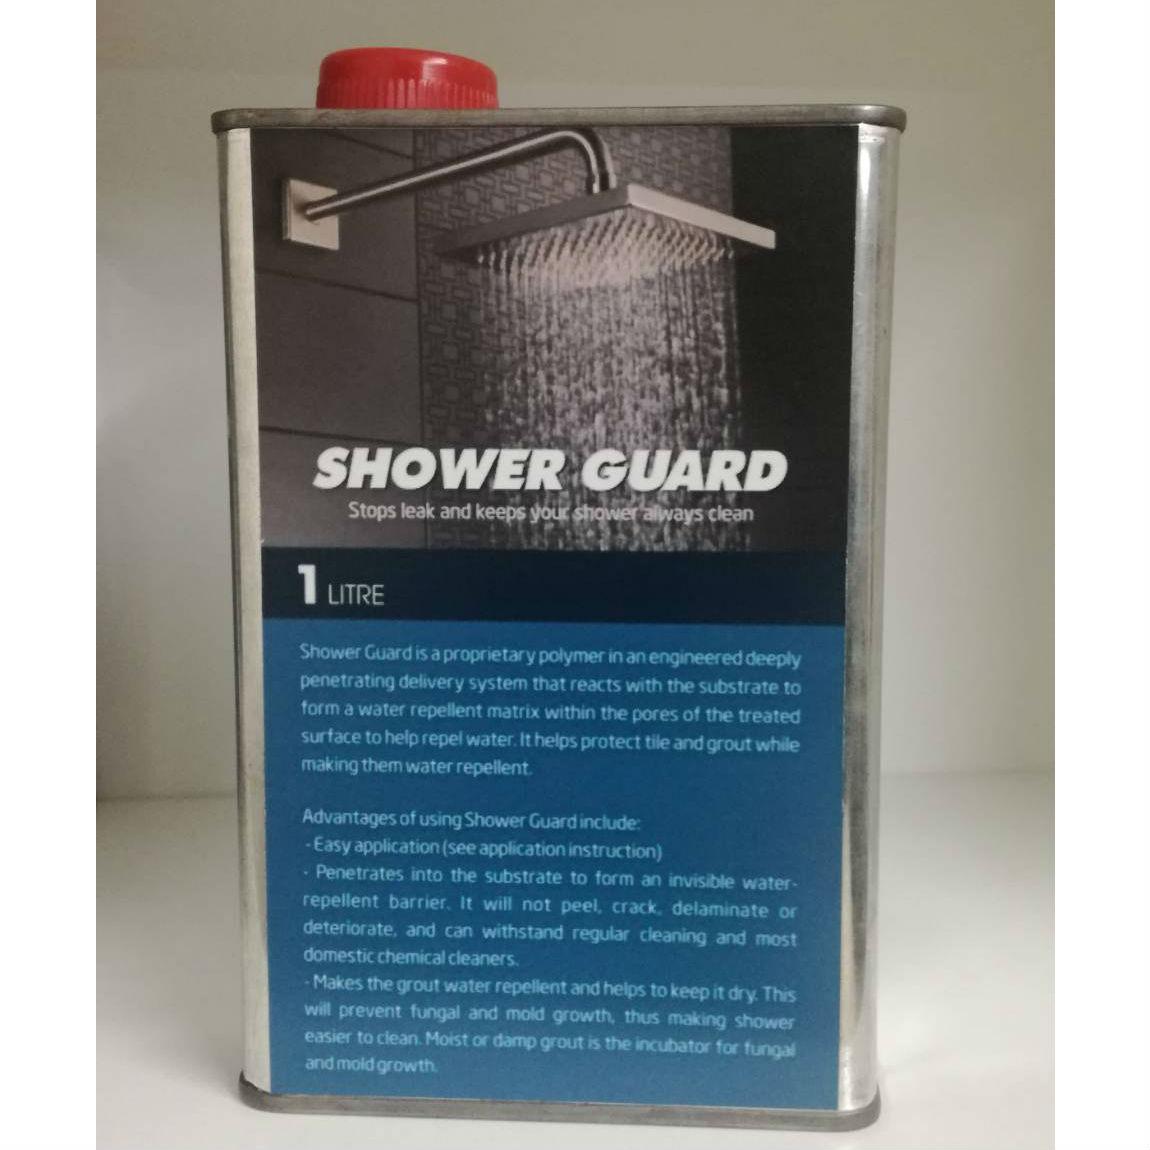 น้ำยากันซึมชาวเวอร์การ์ด (SB) ขนาด 1ลิตร สำหรับป้องกันและซ่อมห้องน้ำรั่วซึมโดยไม่ถอดรื้อกระเบื้อง